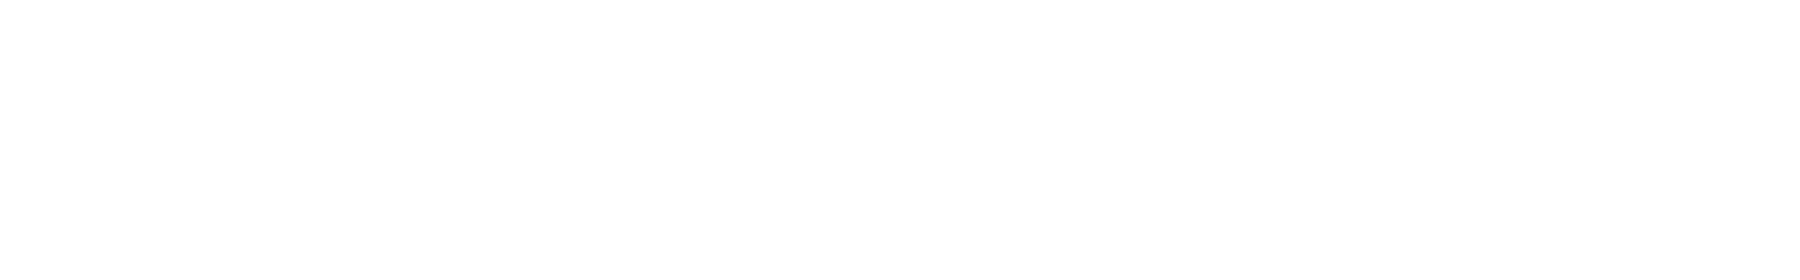 vedh bass cut 134 c